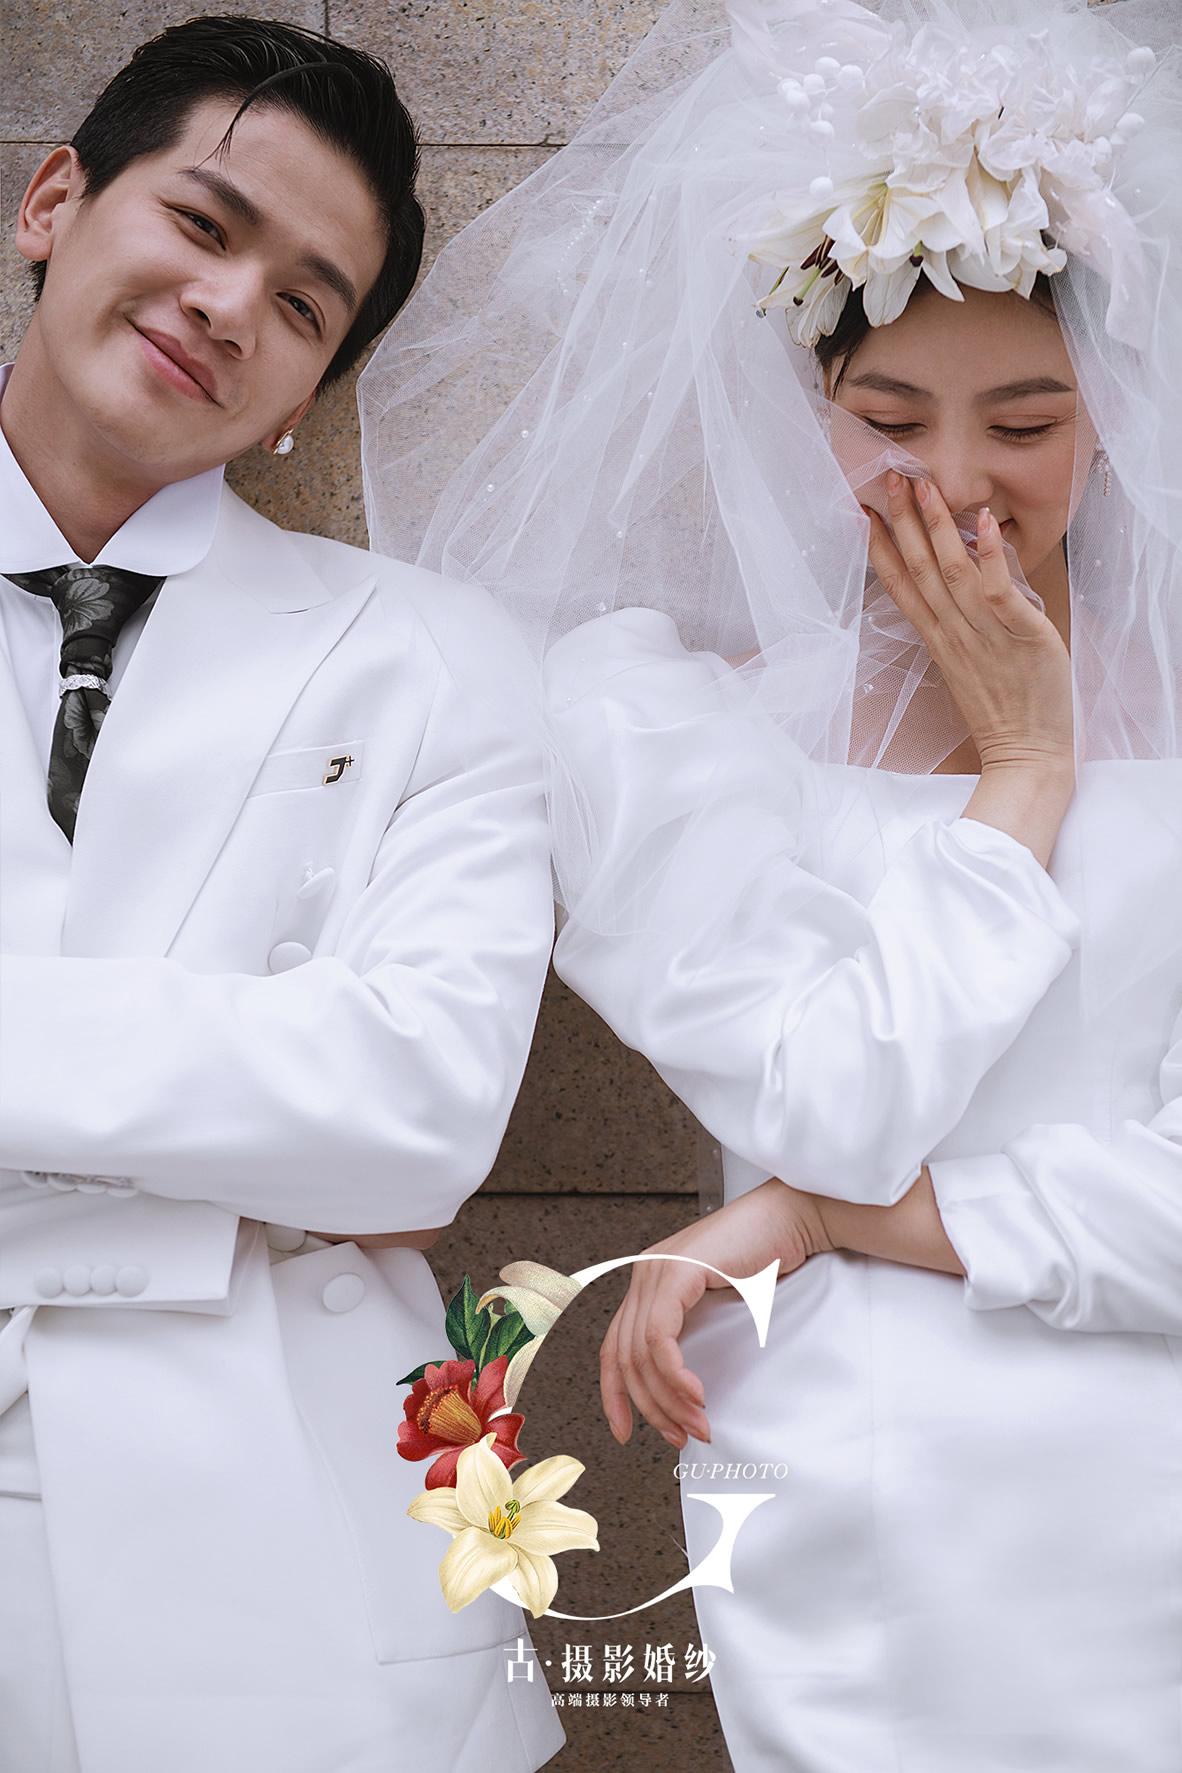 公主道《巴赫小调》 - 拍摄地 - 广州婚纱摄影-广州古摄影官网